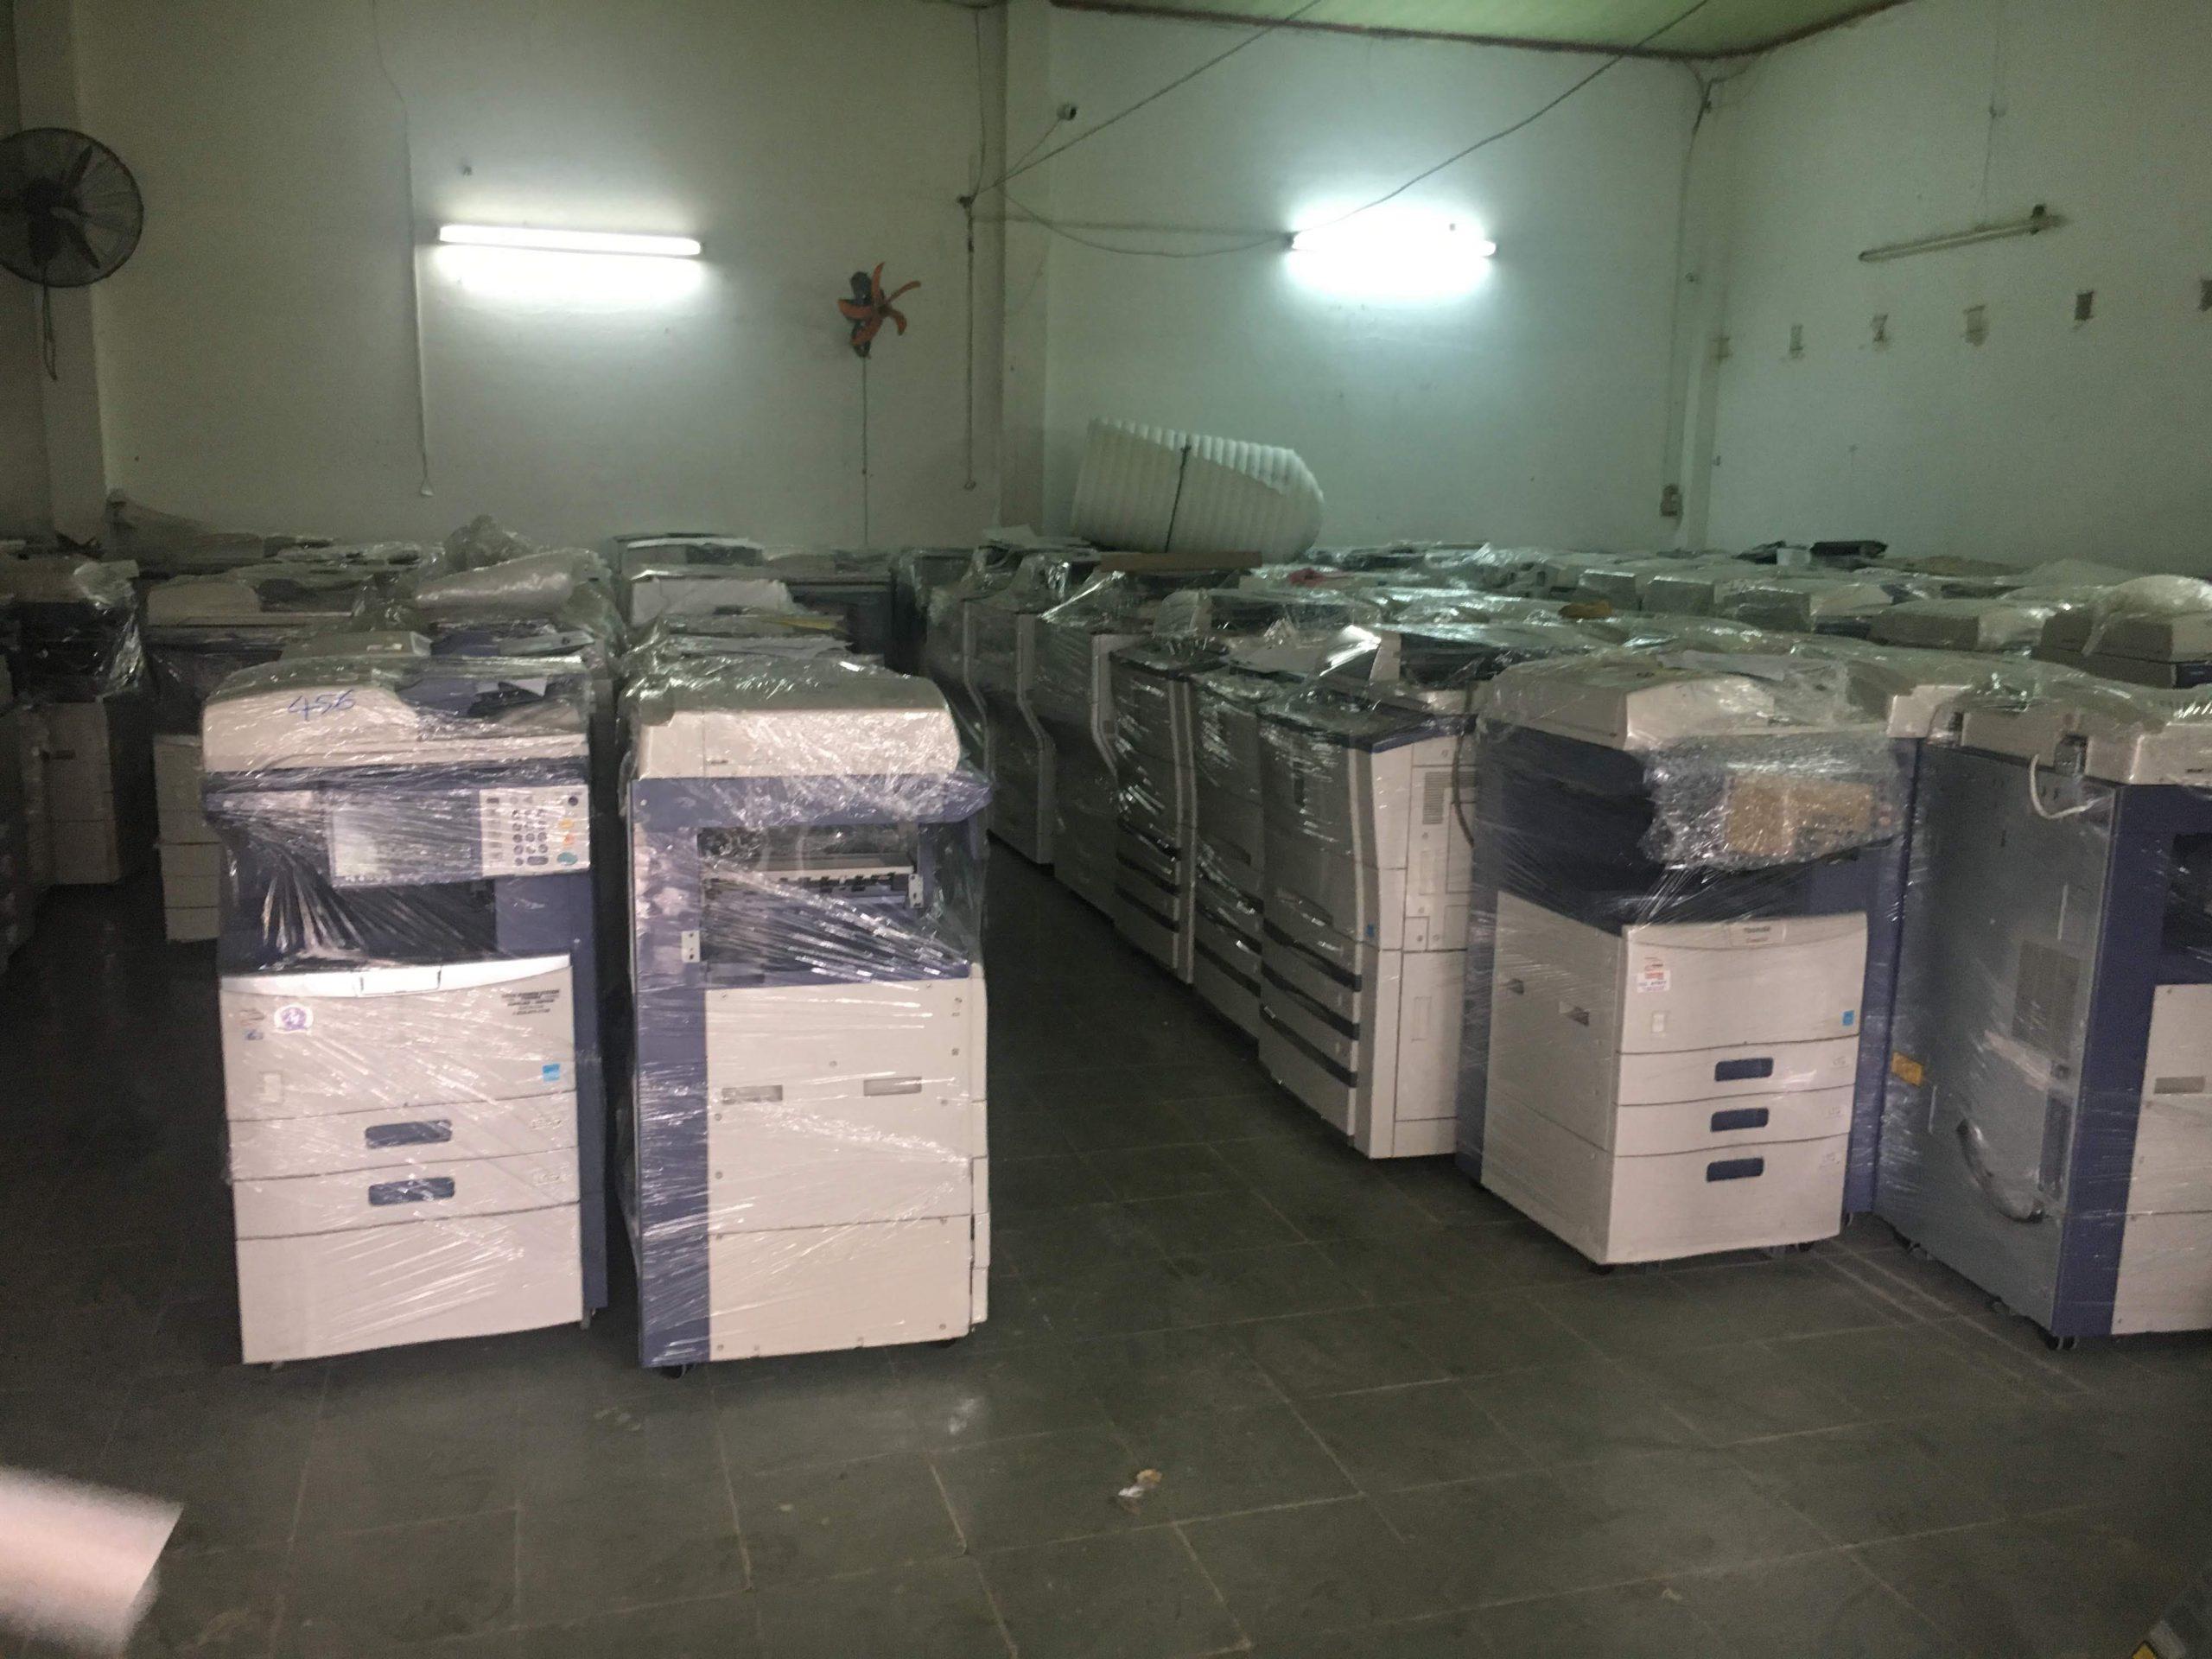 cho thuê máy photocopy tạị TPHCM